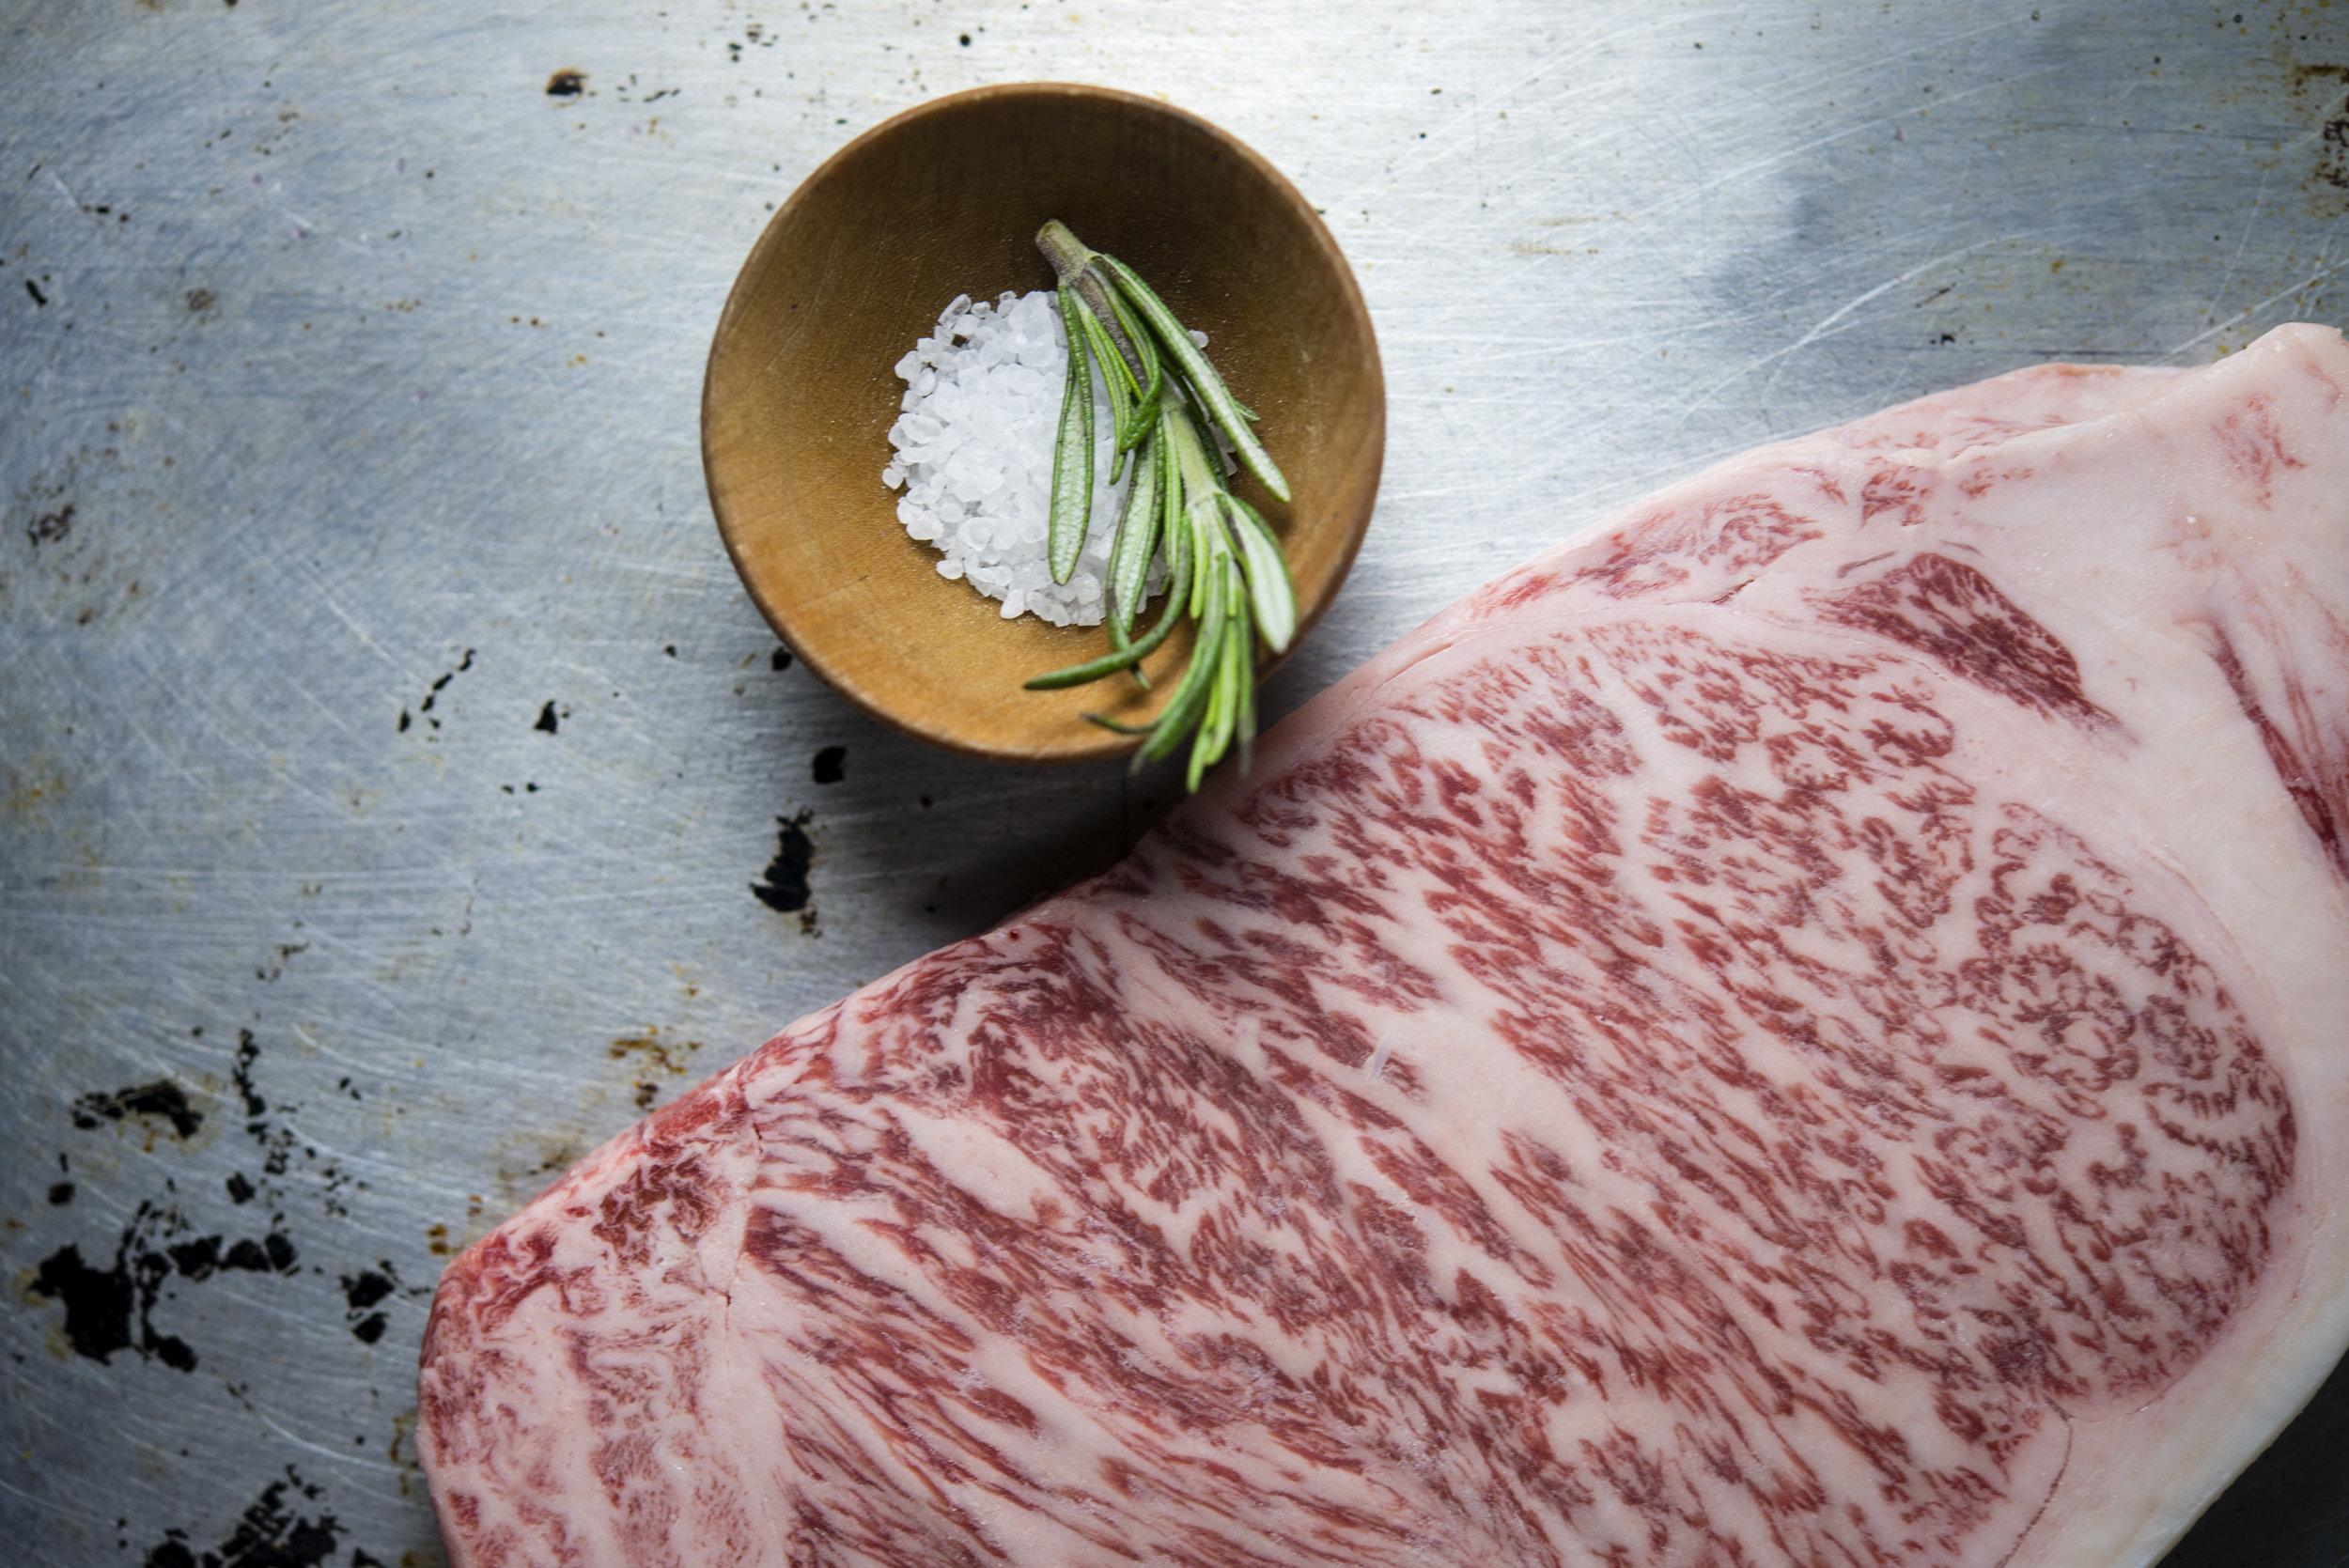 A5 Miyazakigyu Wagyu Beef Striploin Steaks 03.jpg